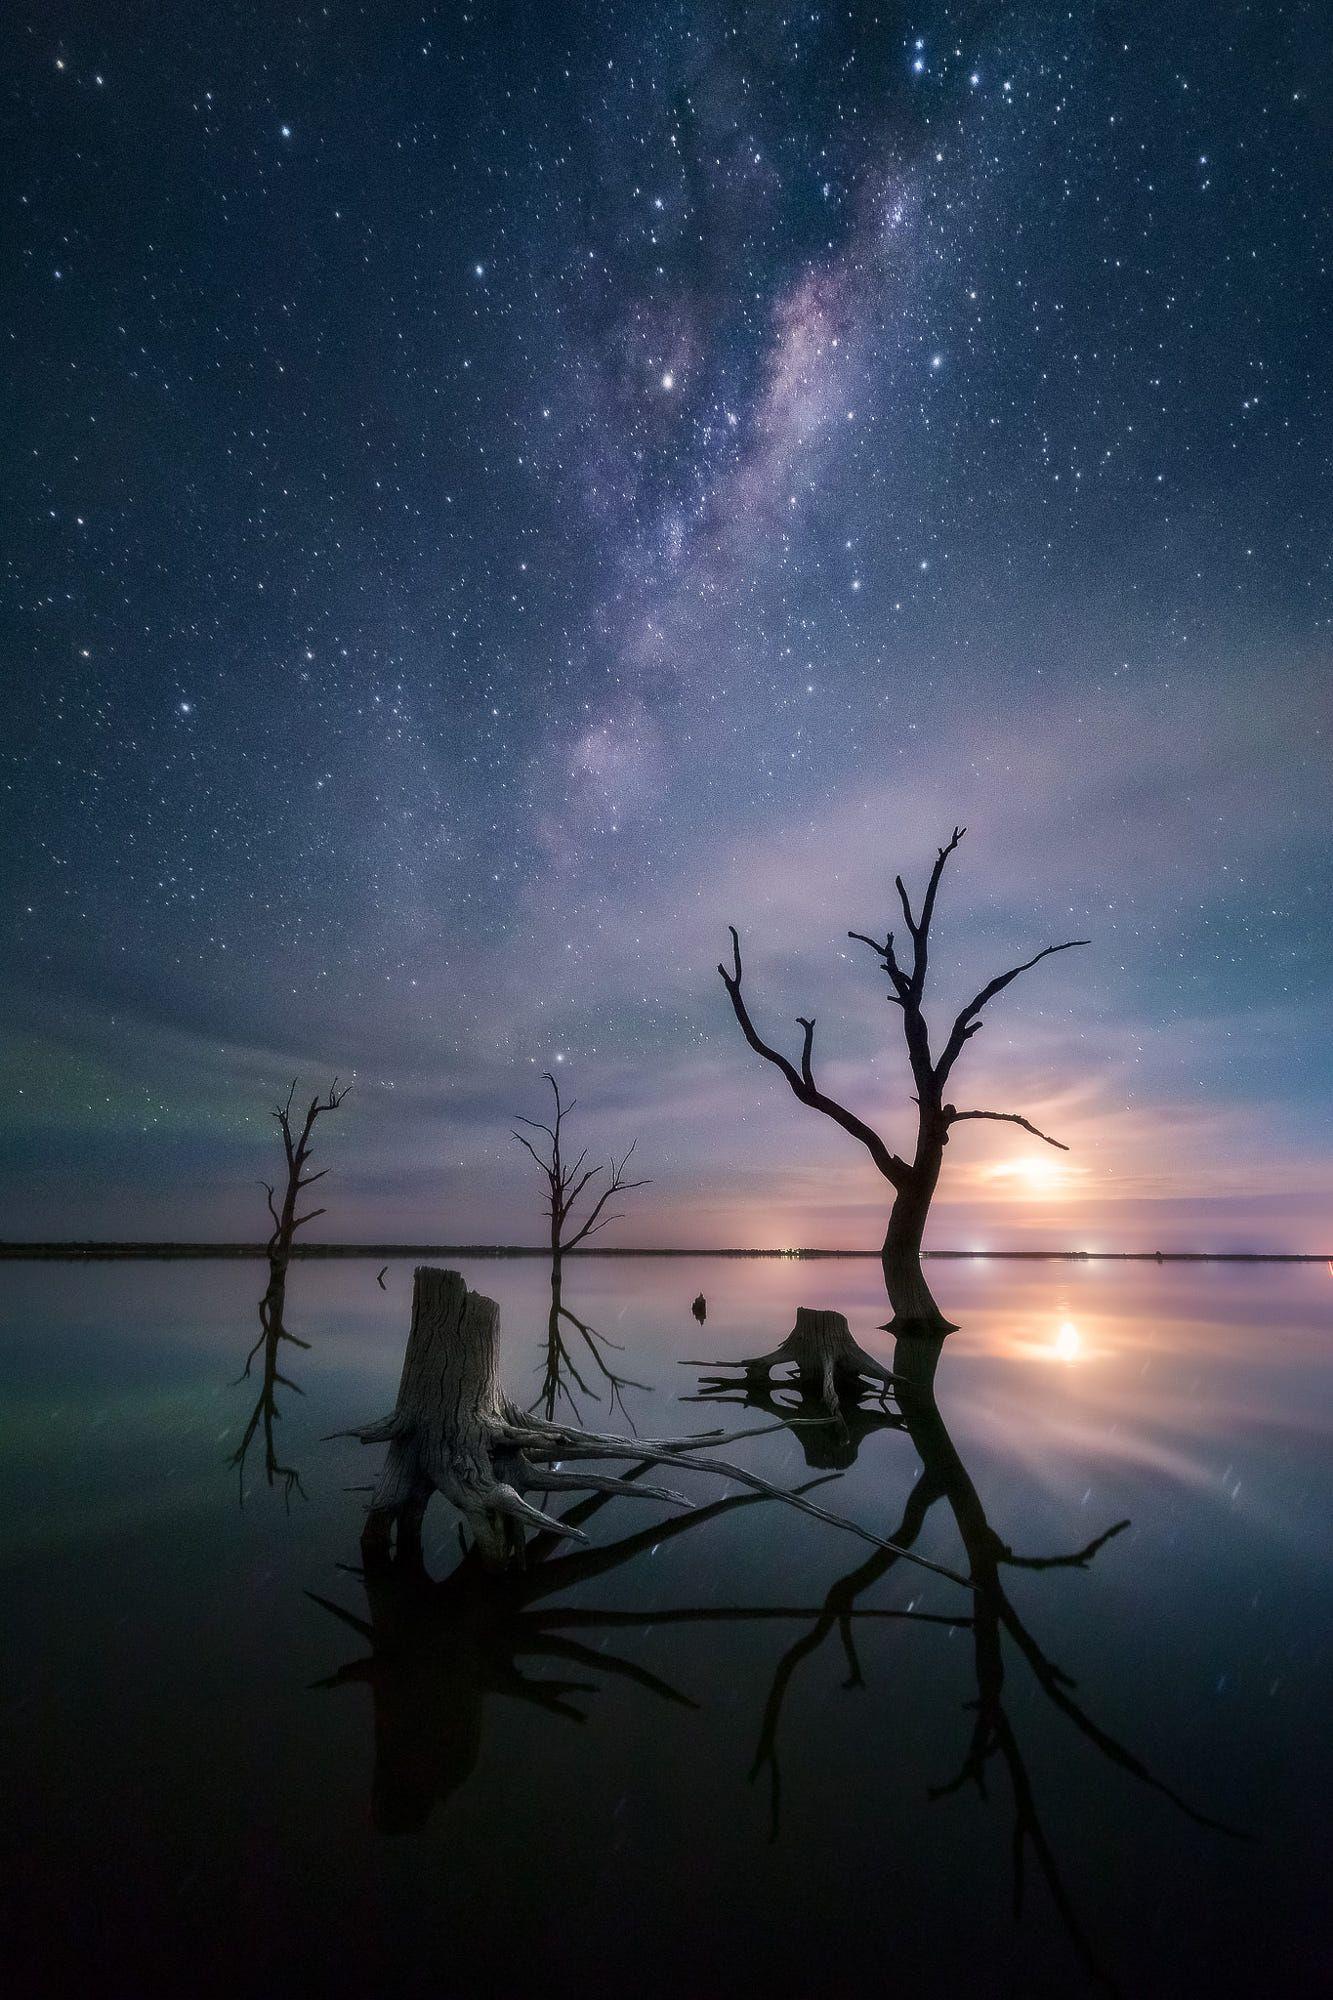 Lake Bonney South Australia (Attempt 4 , apologies!) This